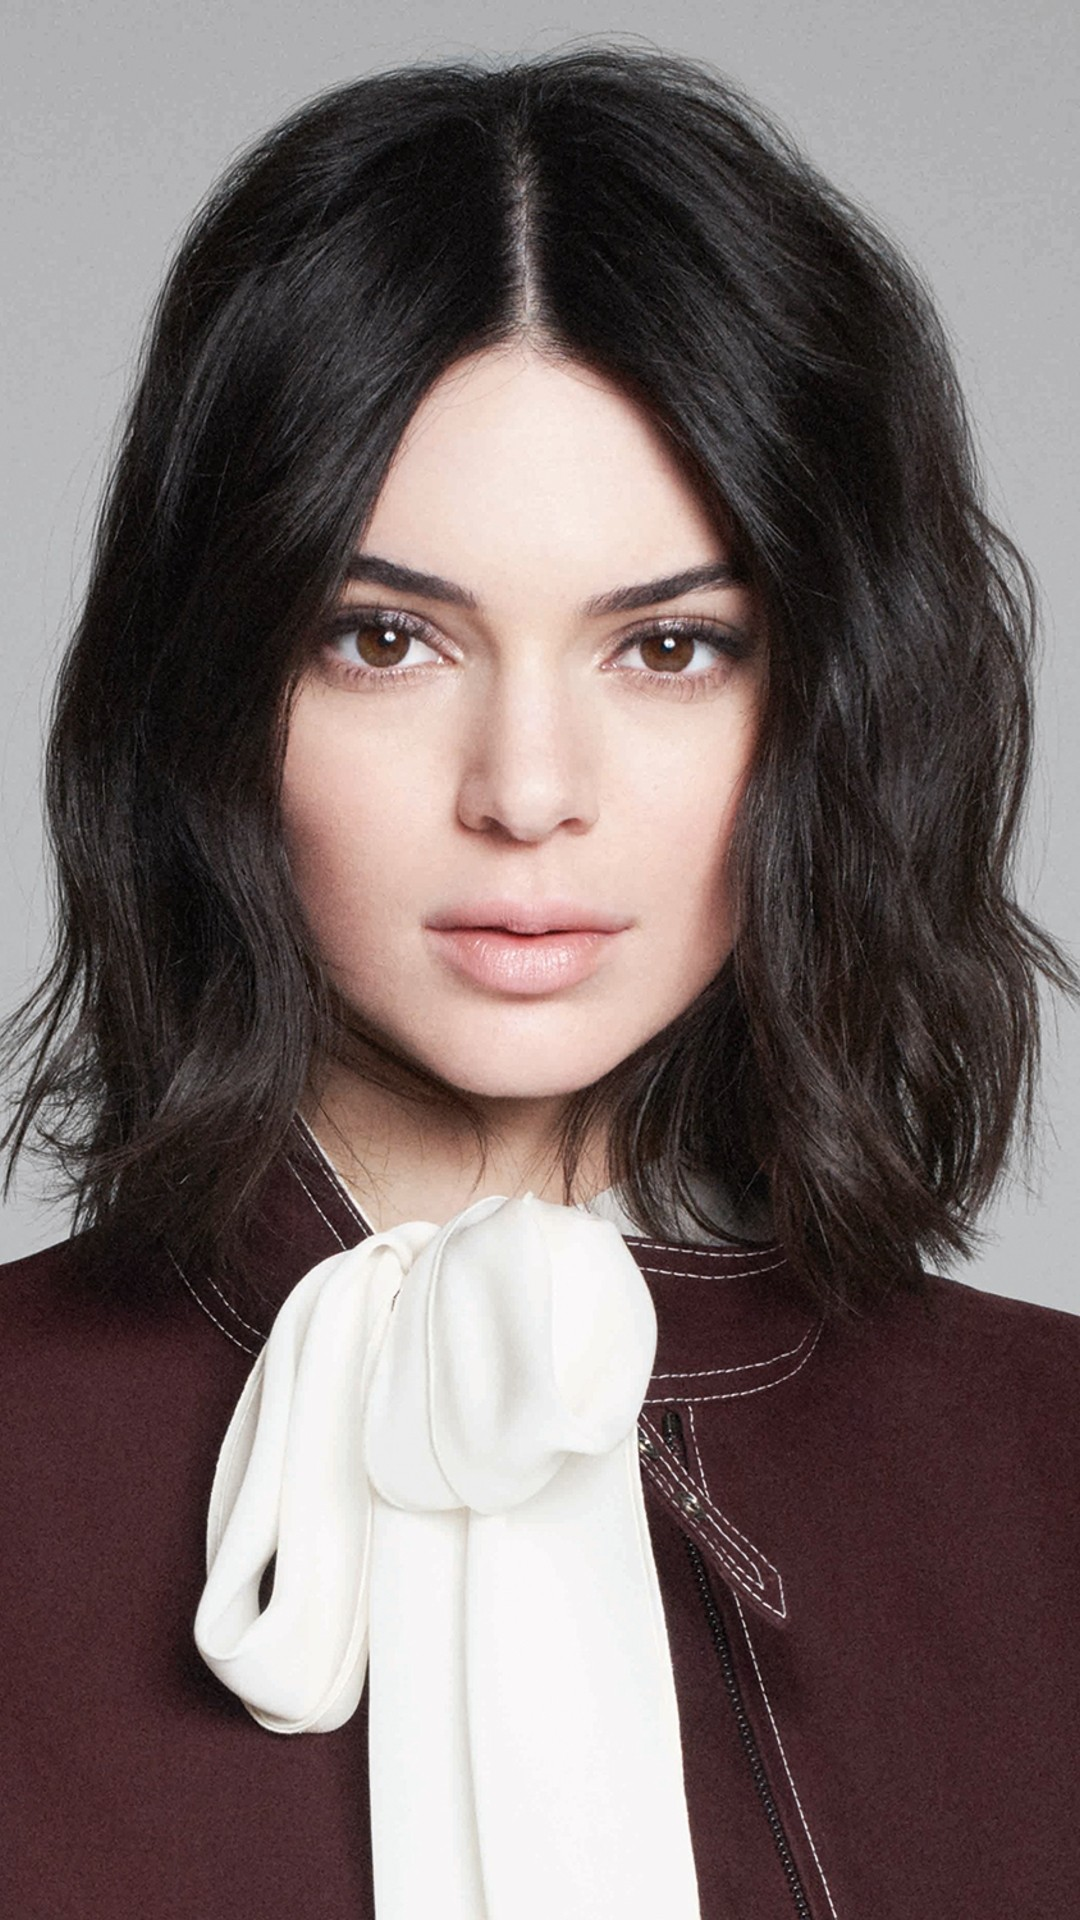 Kendall Jenner hd wallpaper for mobile